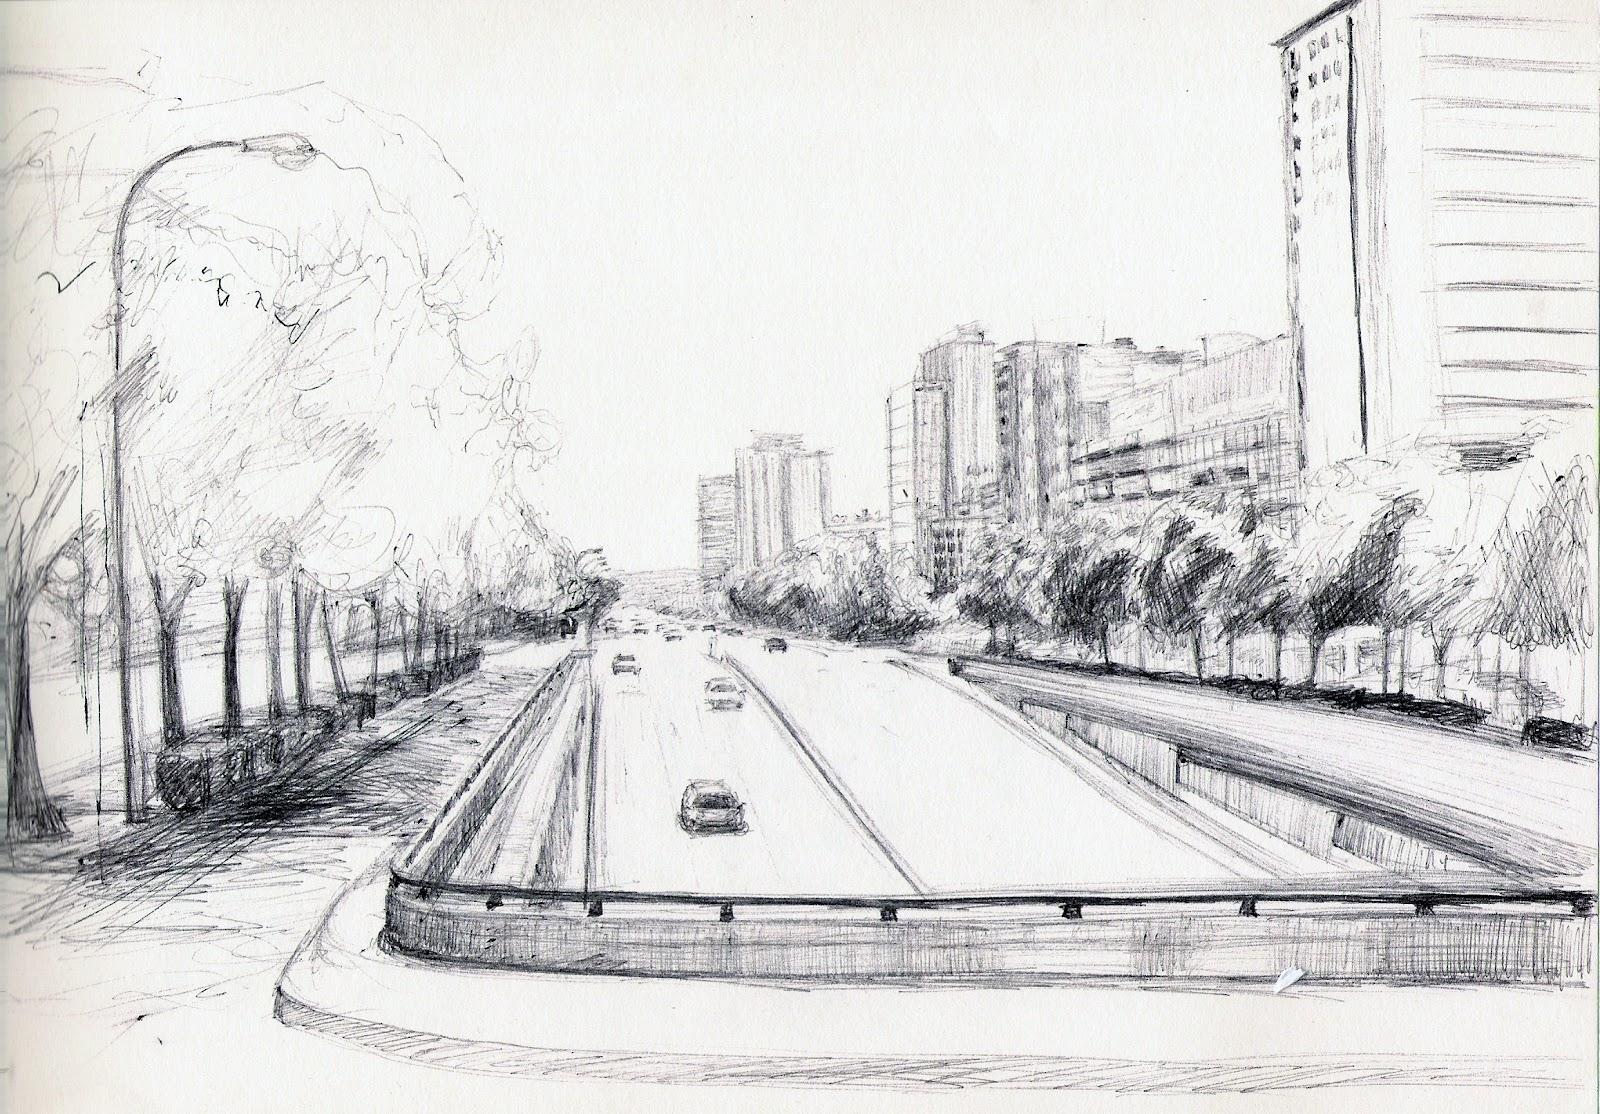 Blanca Quintas Un paisaje urbano